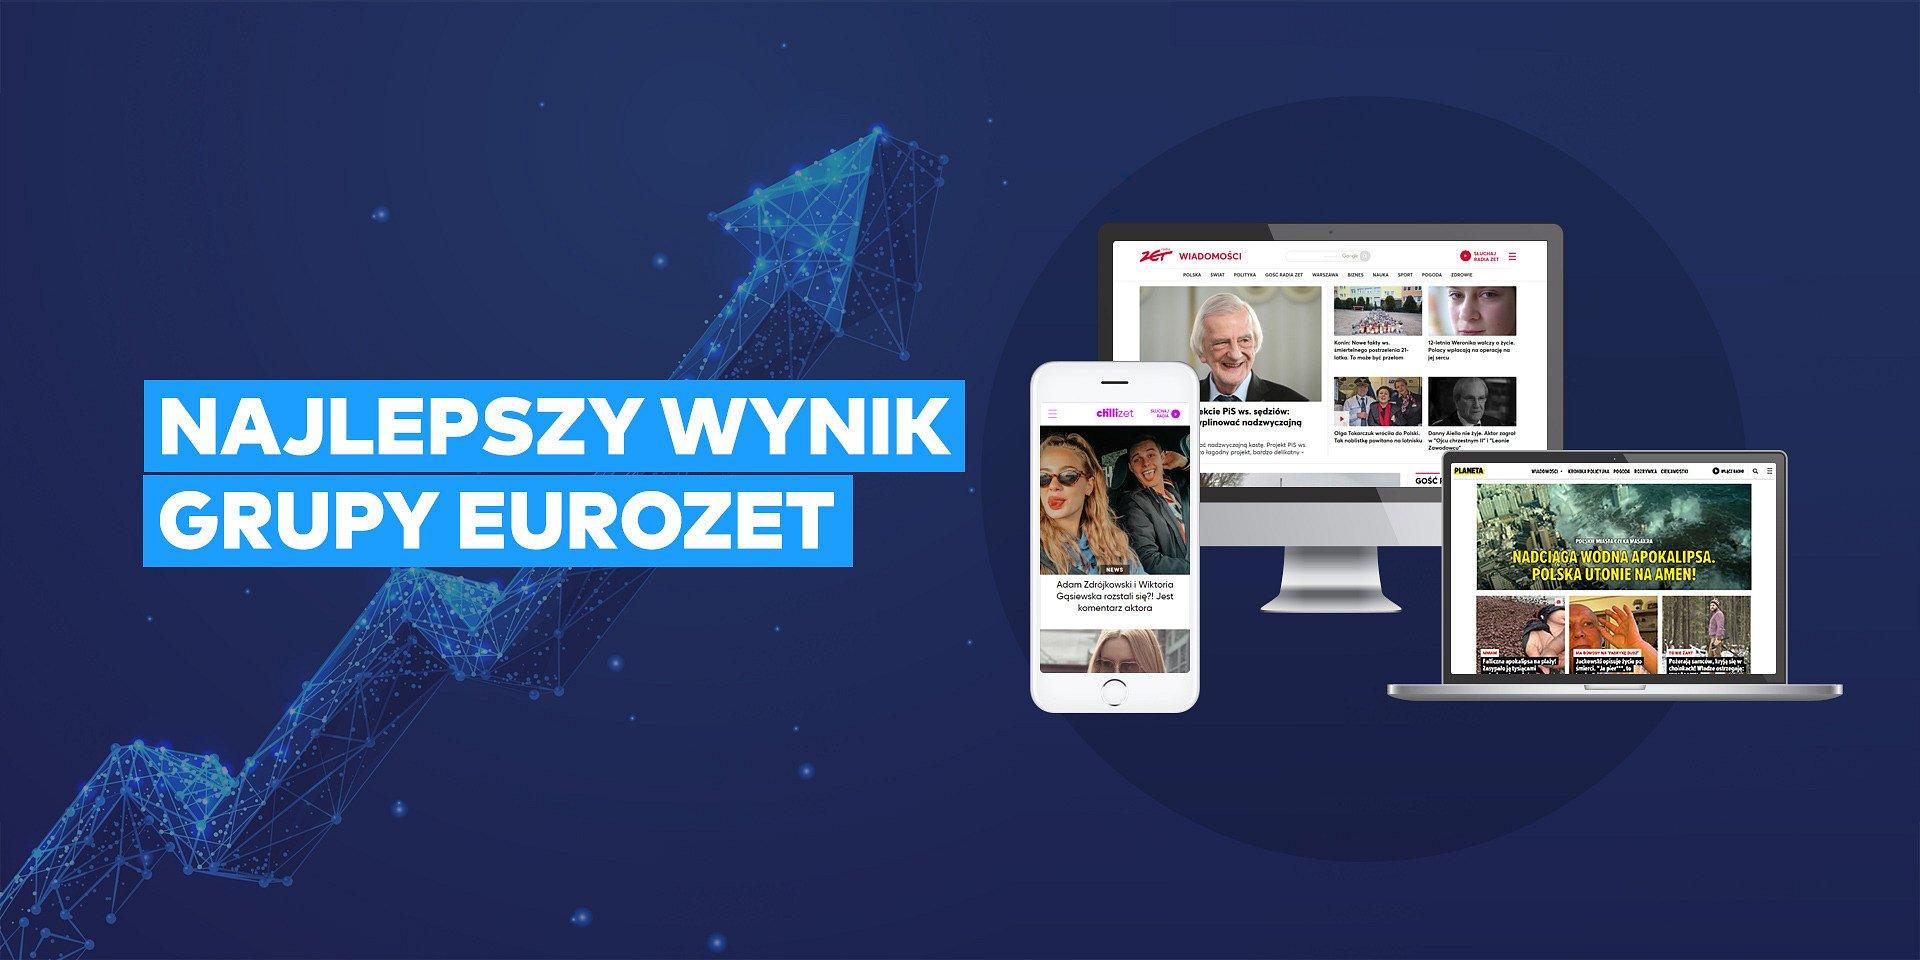 Ponad 10 mln RU serwisów Grupy Eurozet!